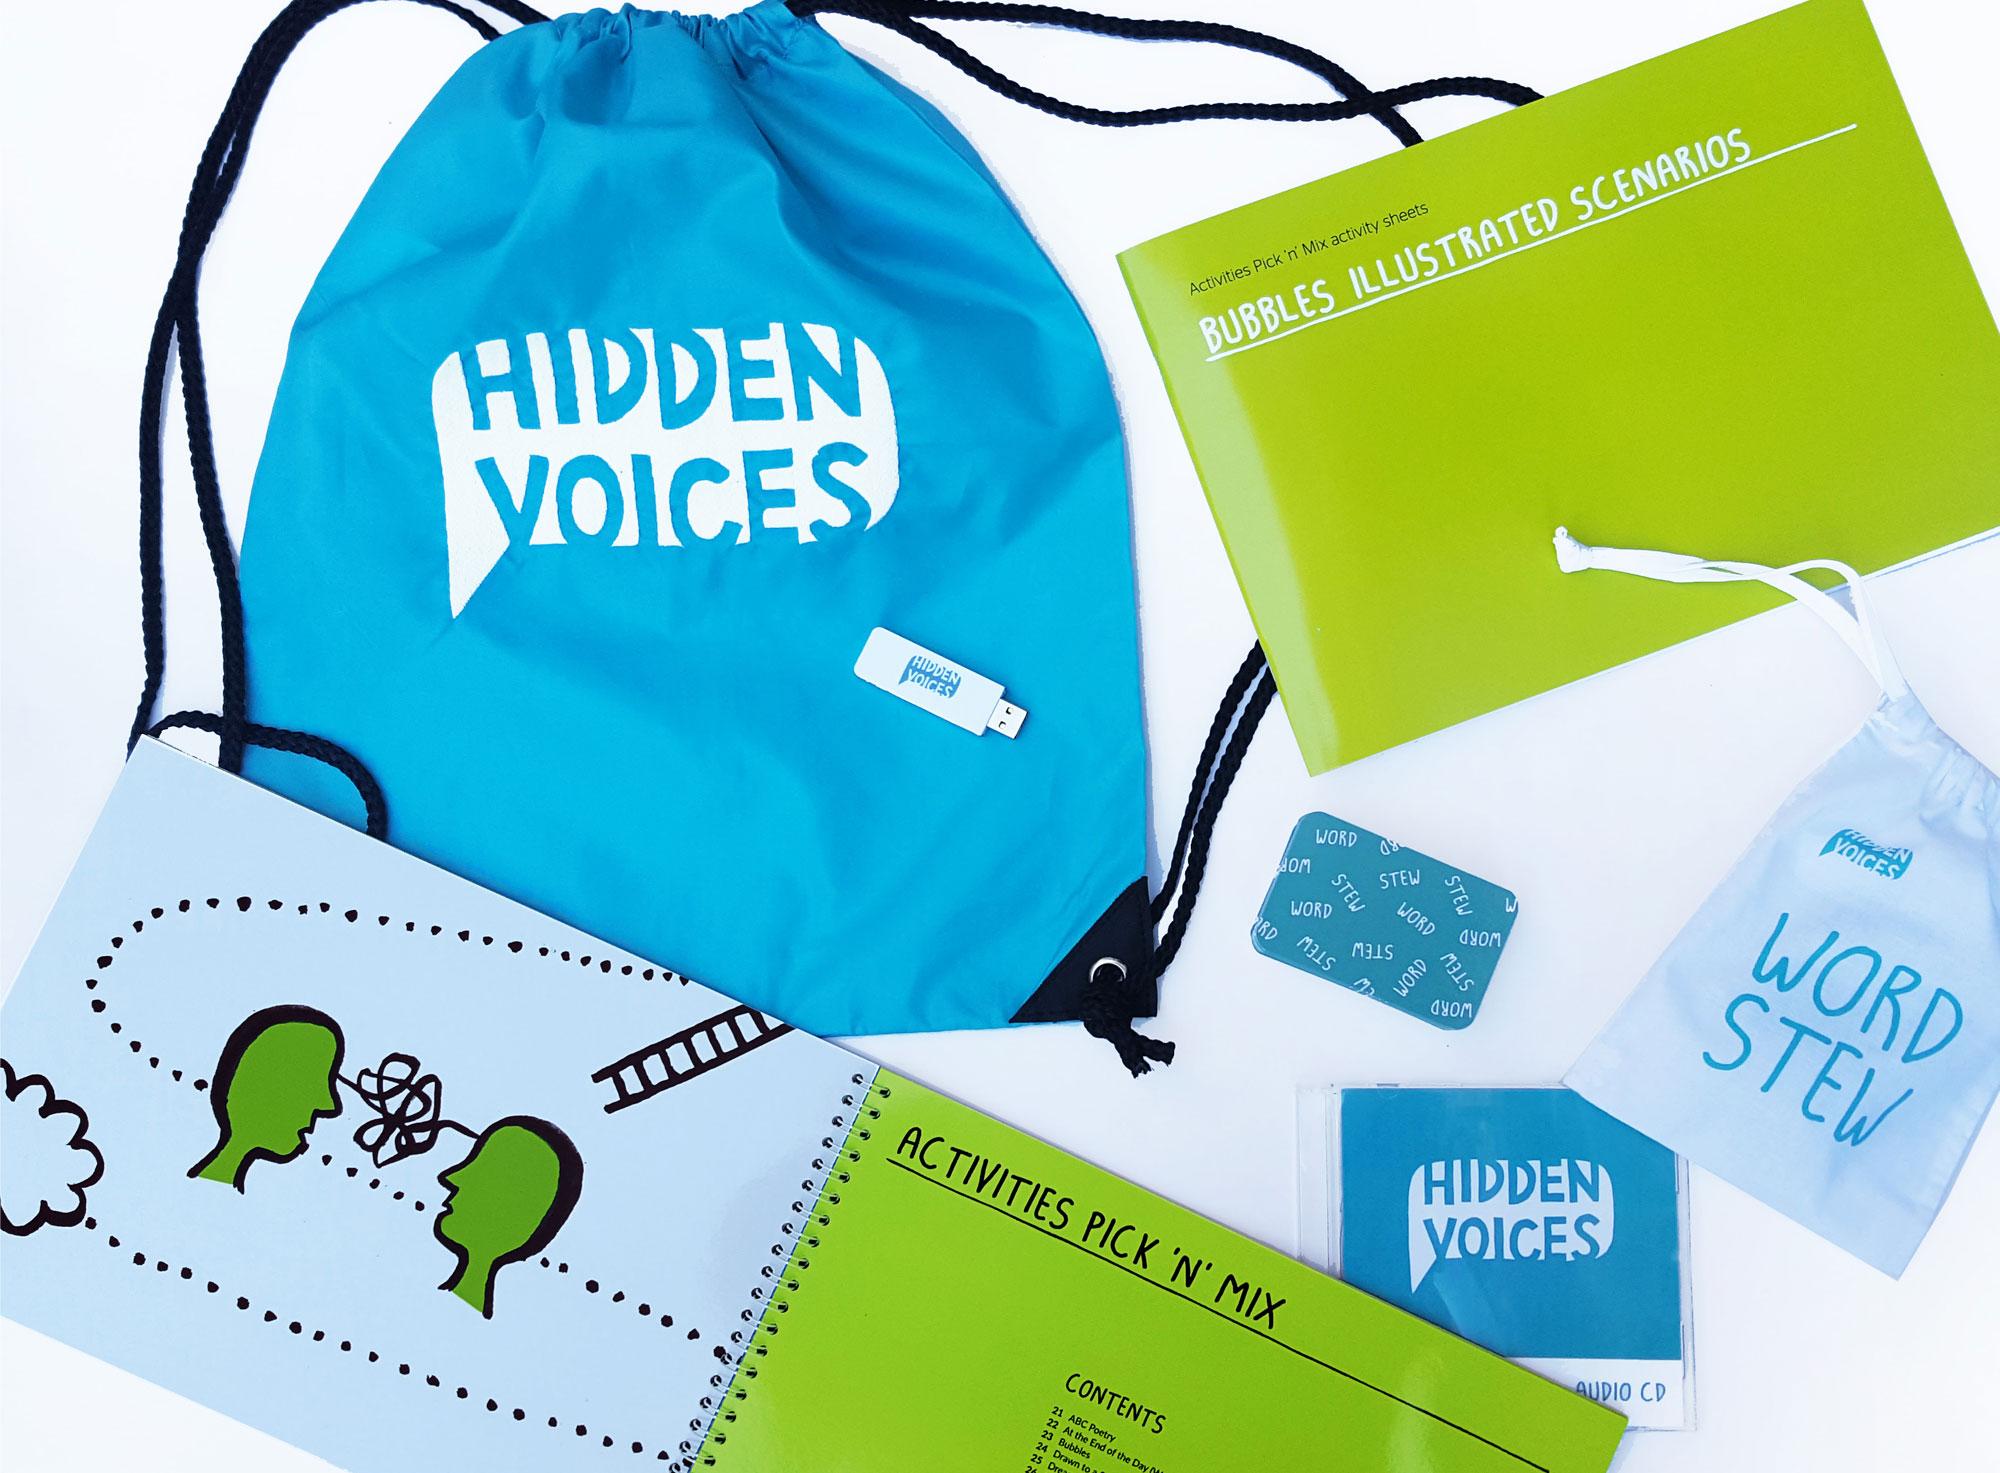 Hidden Voices resource pack design